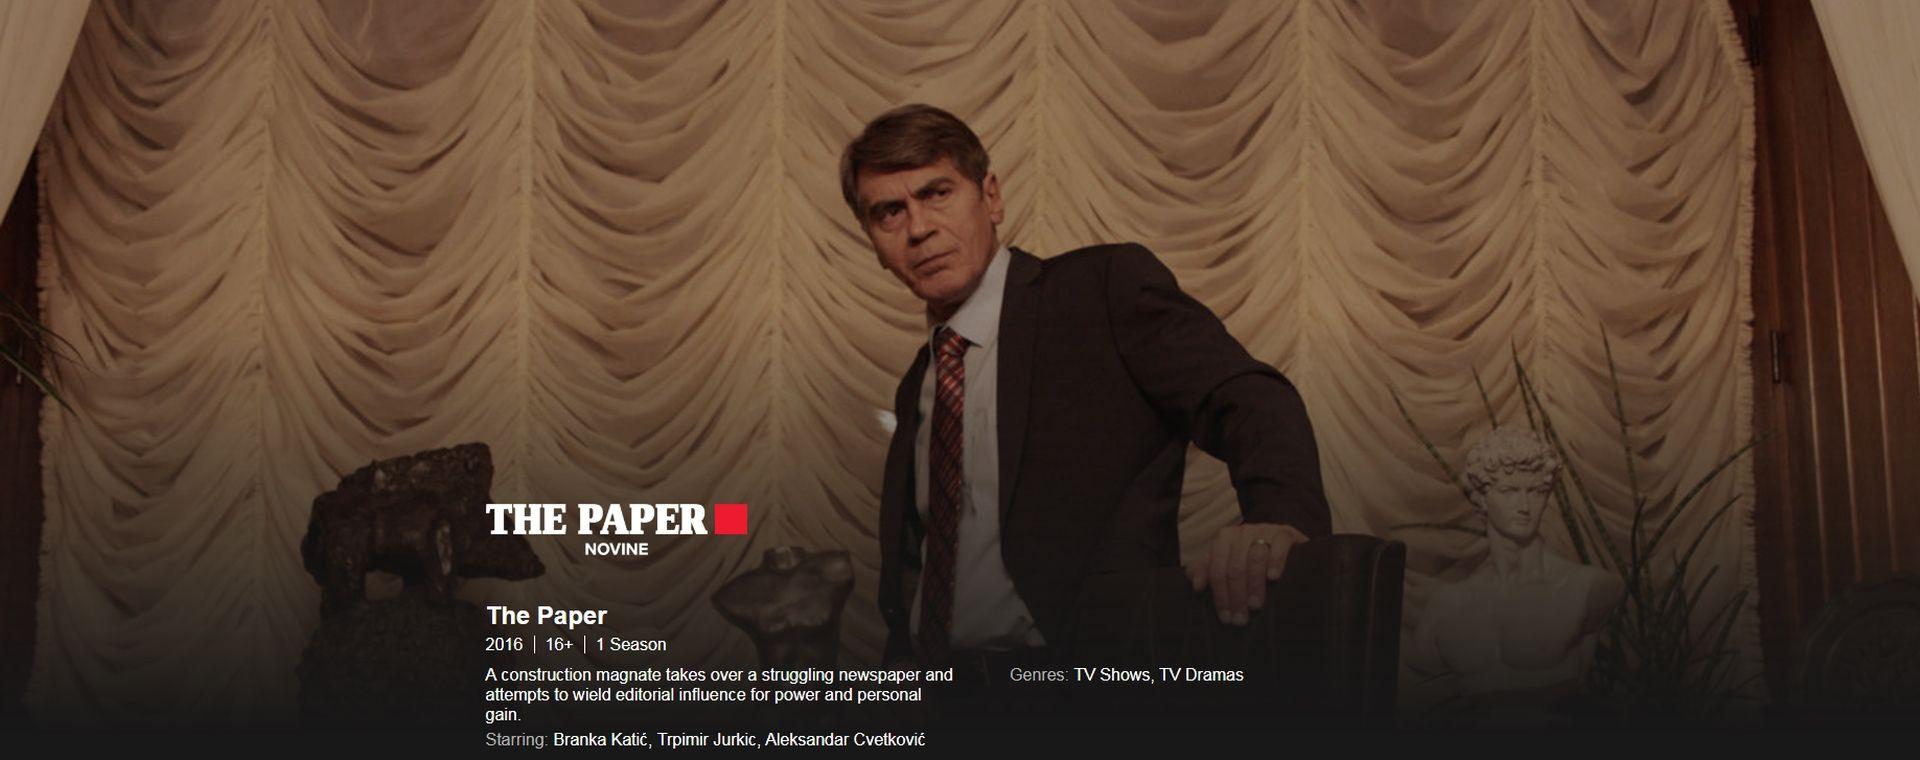 Serija 'Novine' dostupna na Netflixu u 190 zemalja svijeta